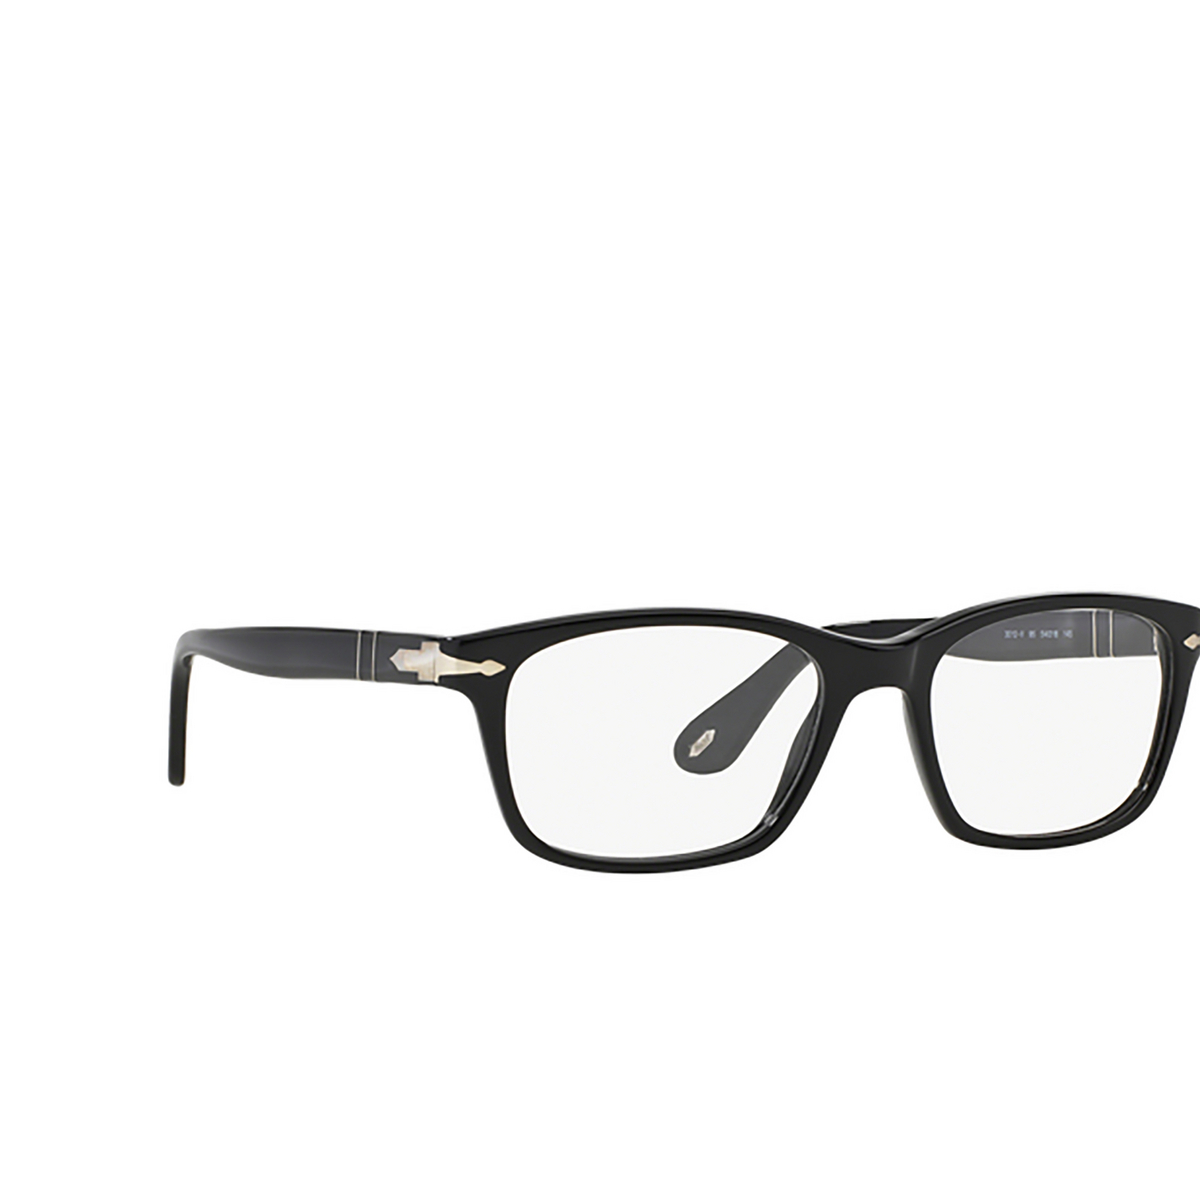 Persol® Square Eyeglasses: PO3012V color Black 95 - three-quarters view.